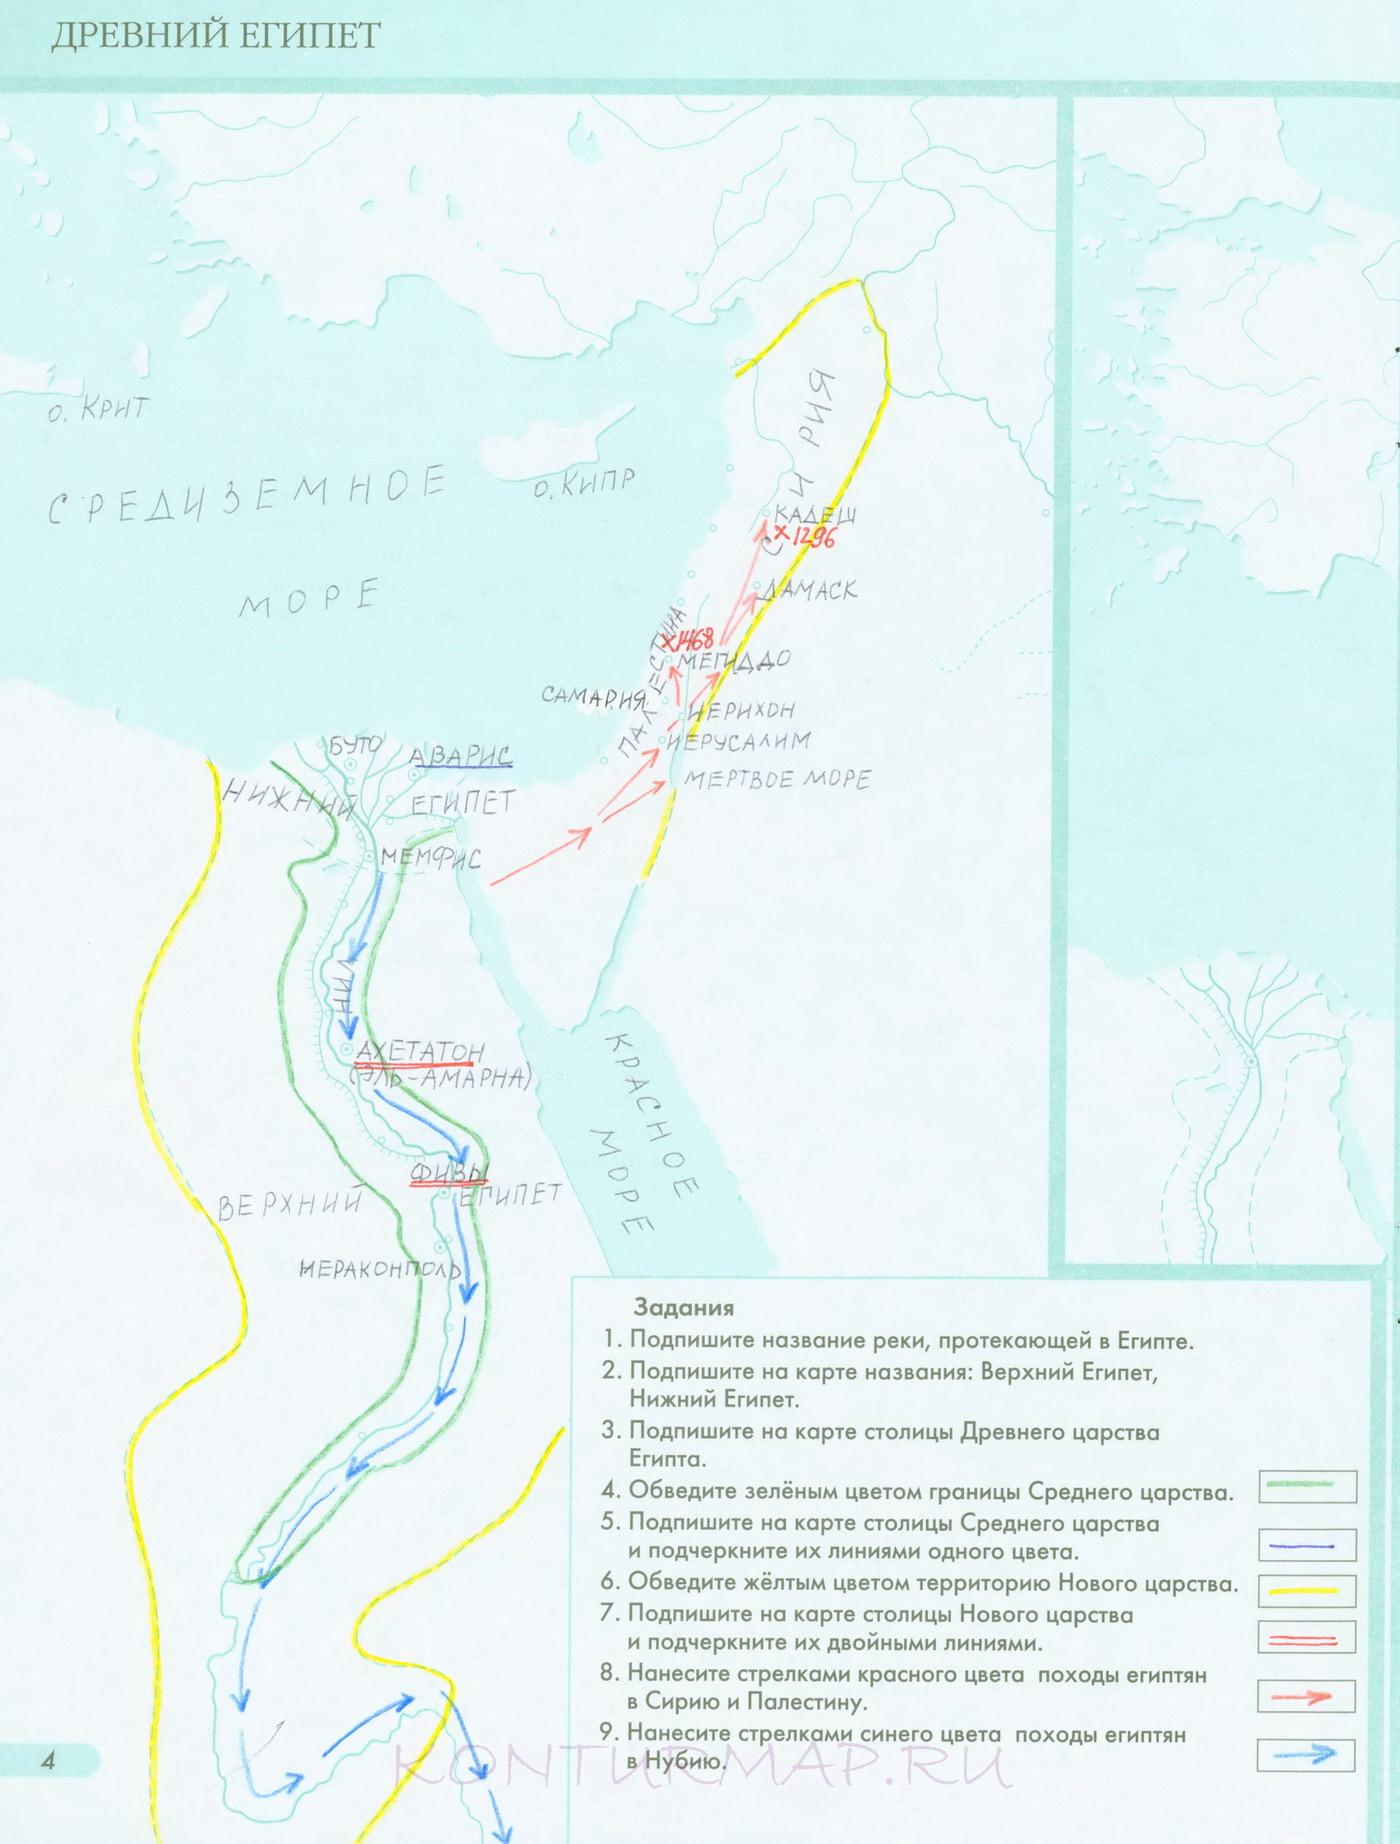 Древний египет карта израильского царство ответы по тетрадке 5 класс